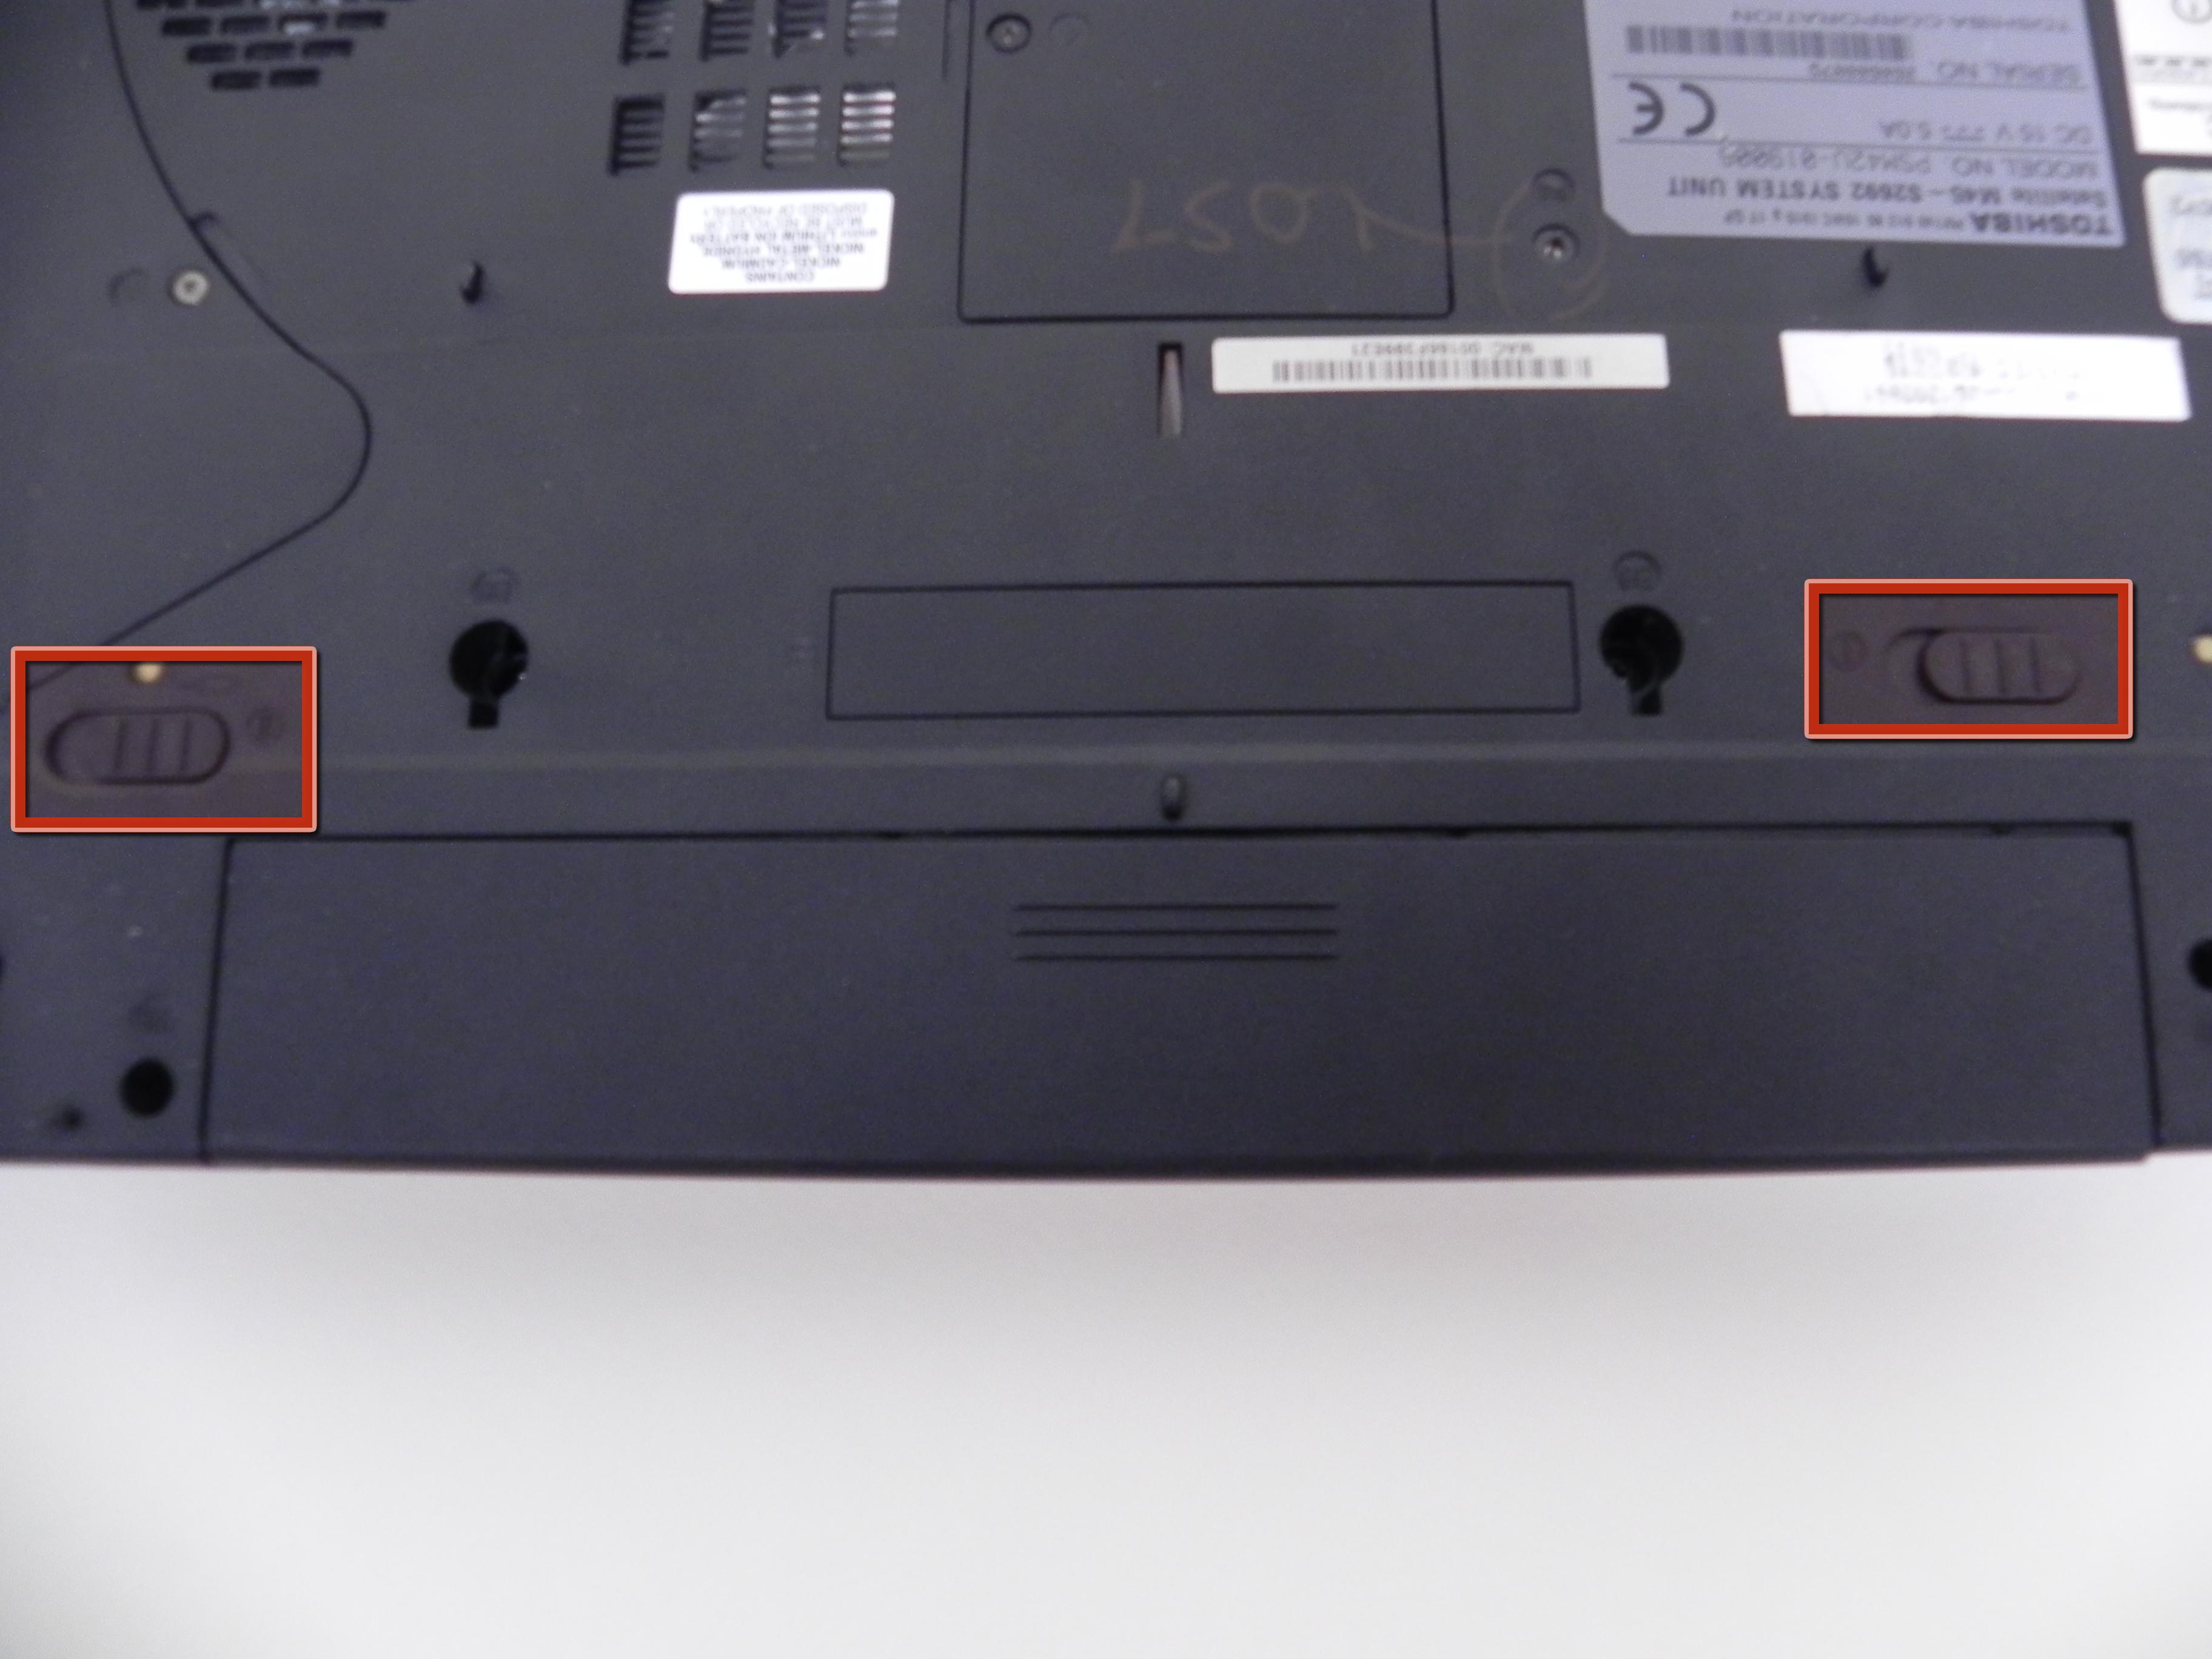 Toshiba Satellite M45 Repair - iFixit